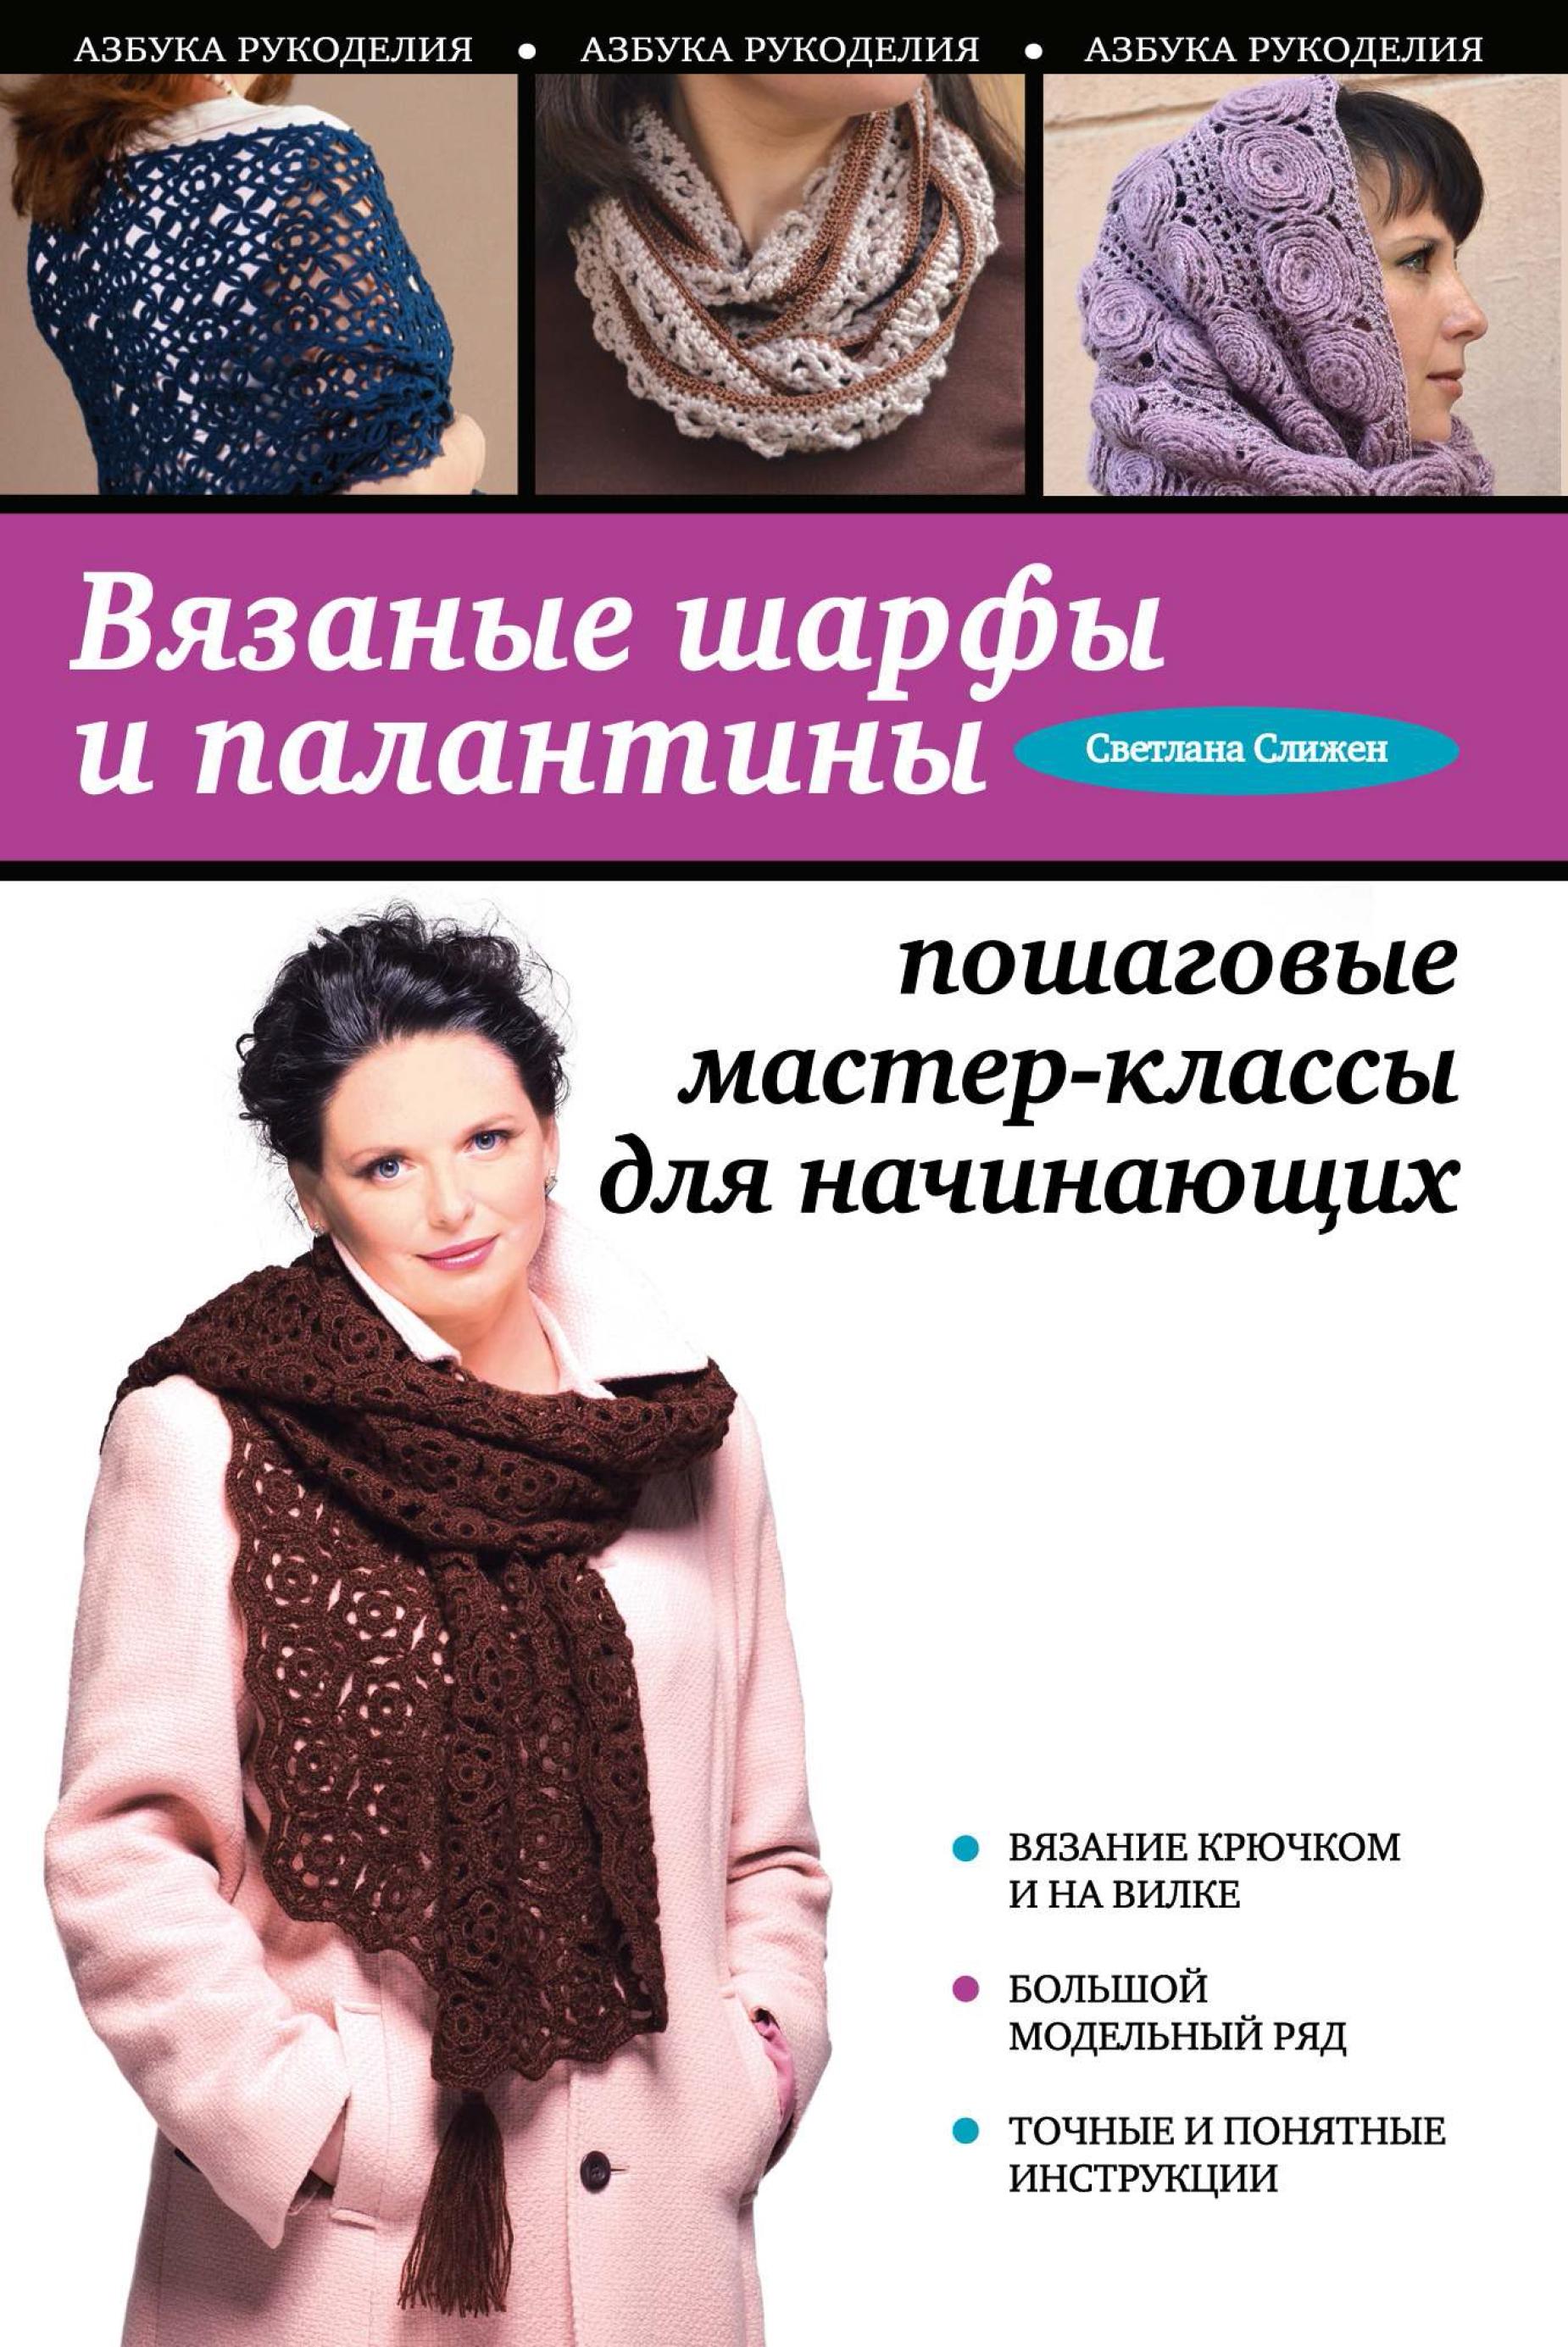 Светлана Слижен Вязаные шарфы и палантины. Пошаговые мастер-классы для начинающих цена и фото